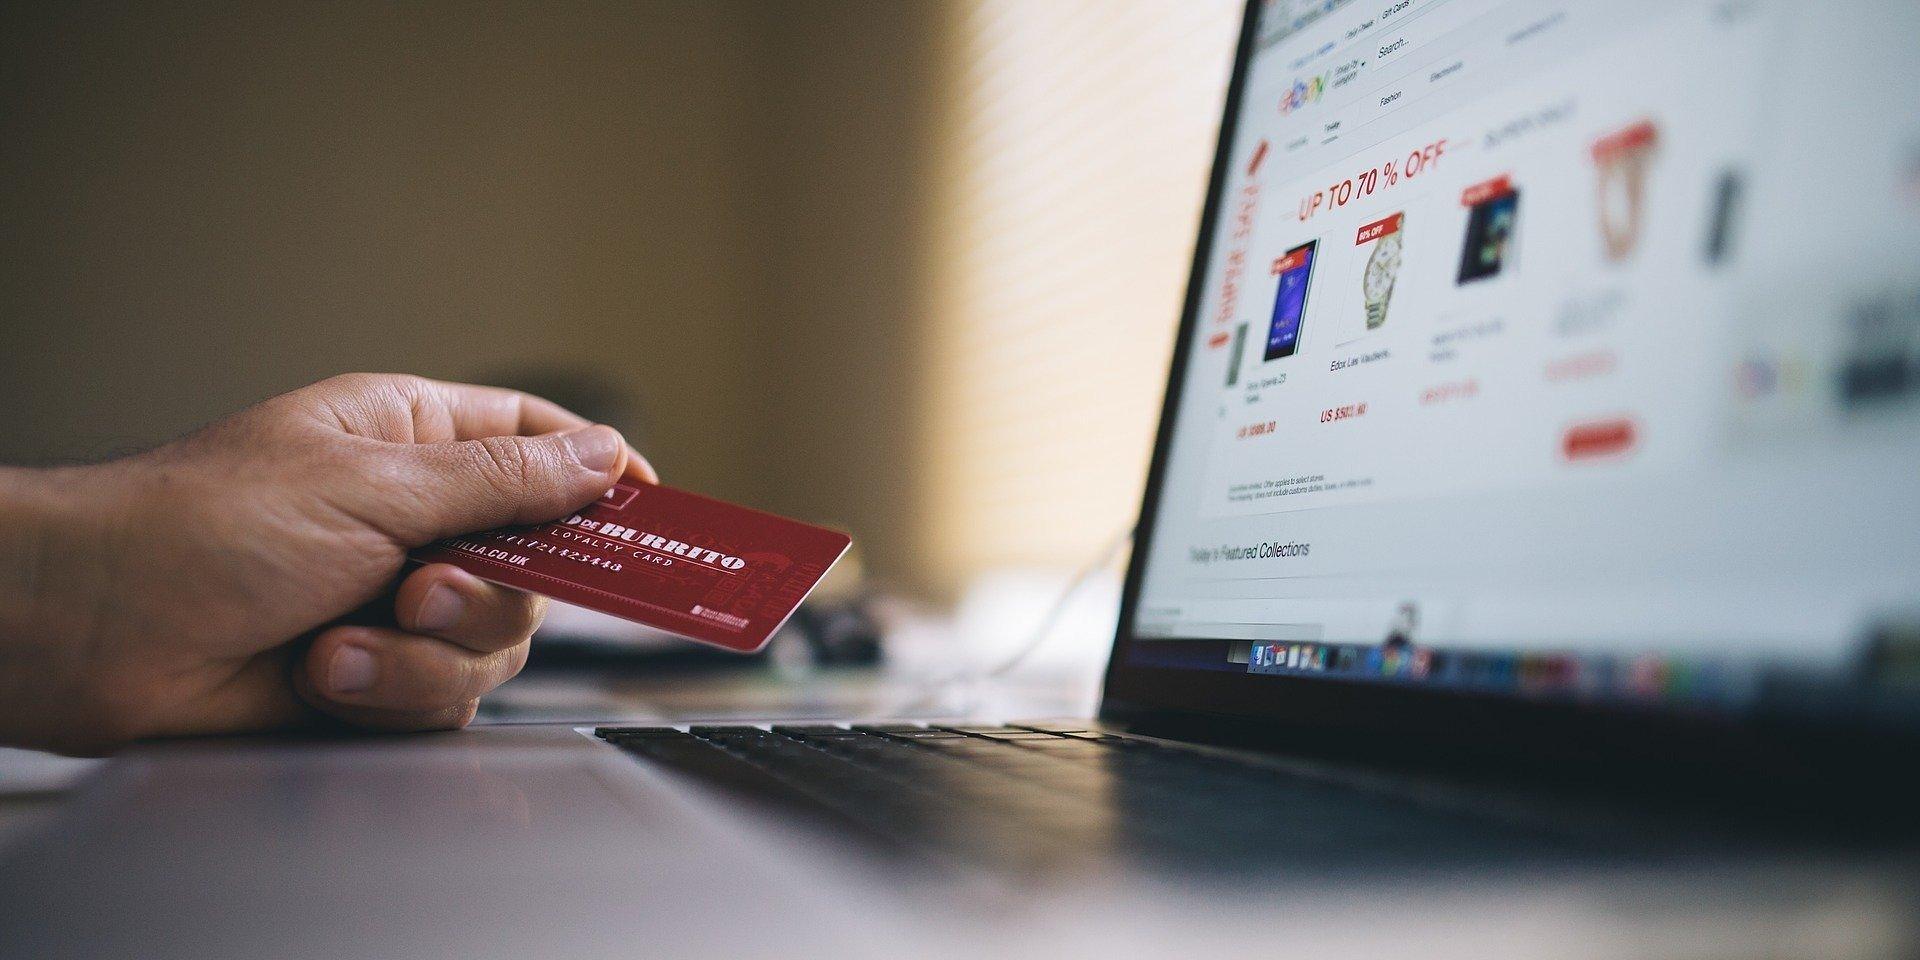 Wnętrzarskie wybory użytkowników Homebook: co kupowali w 2020 roku?